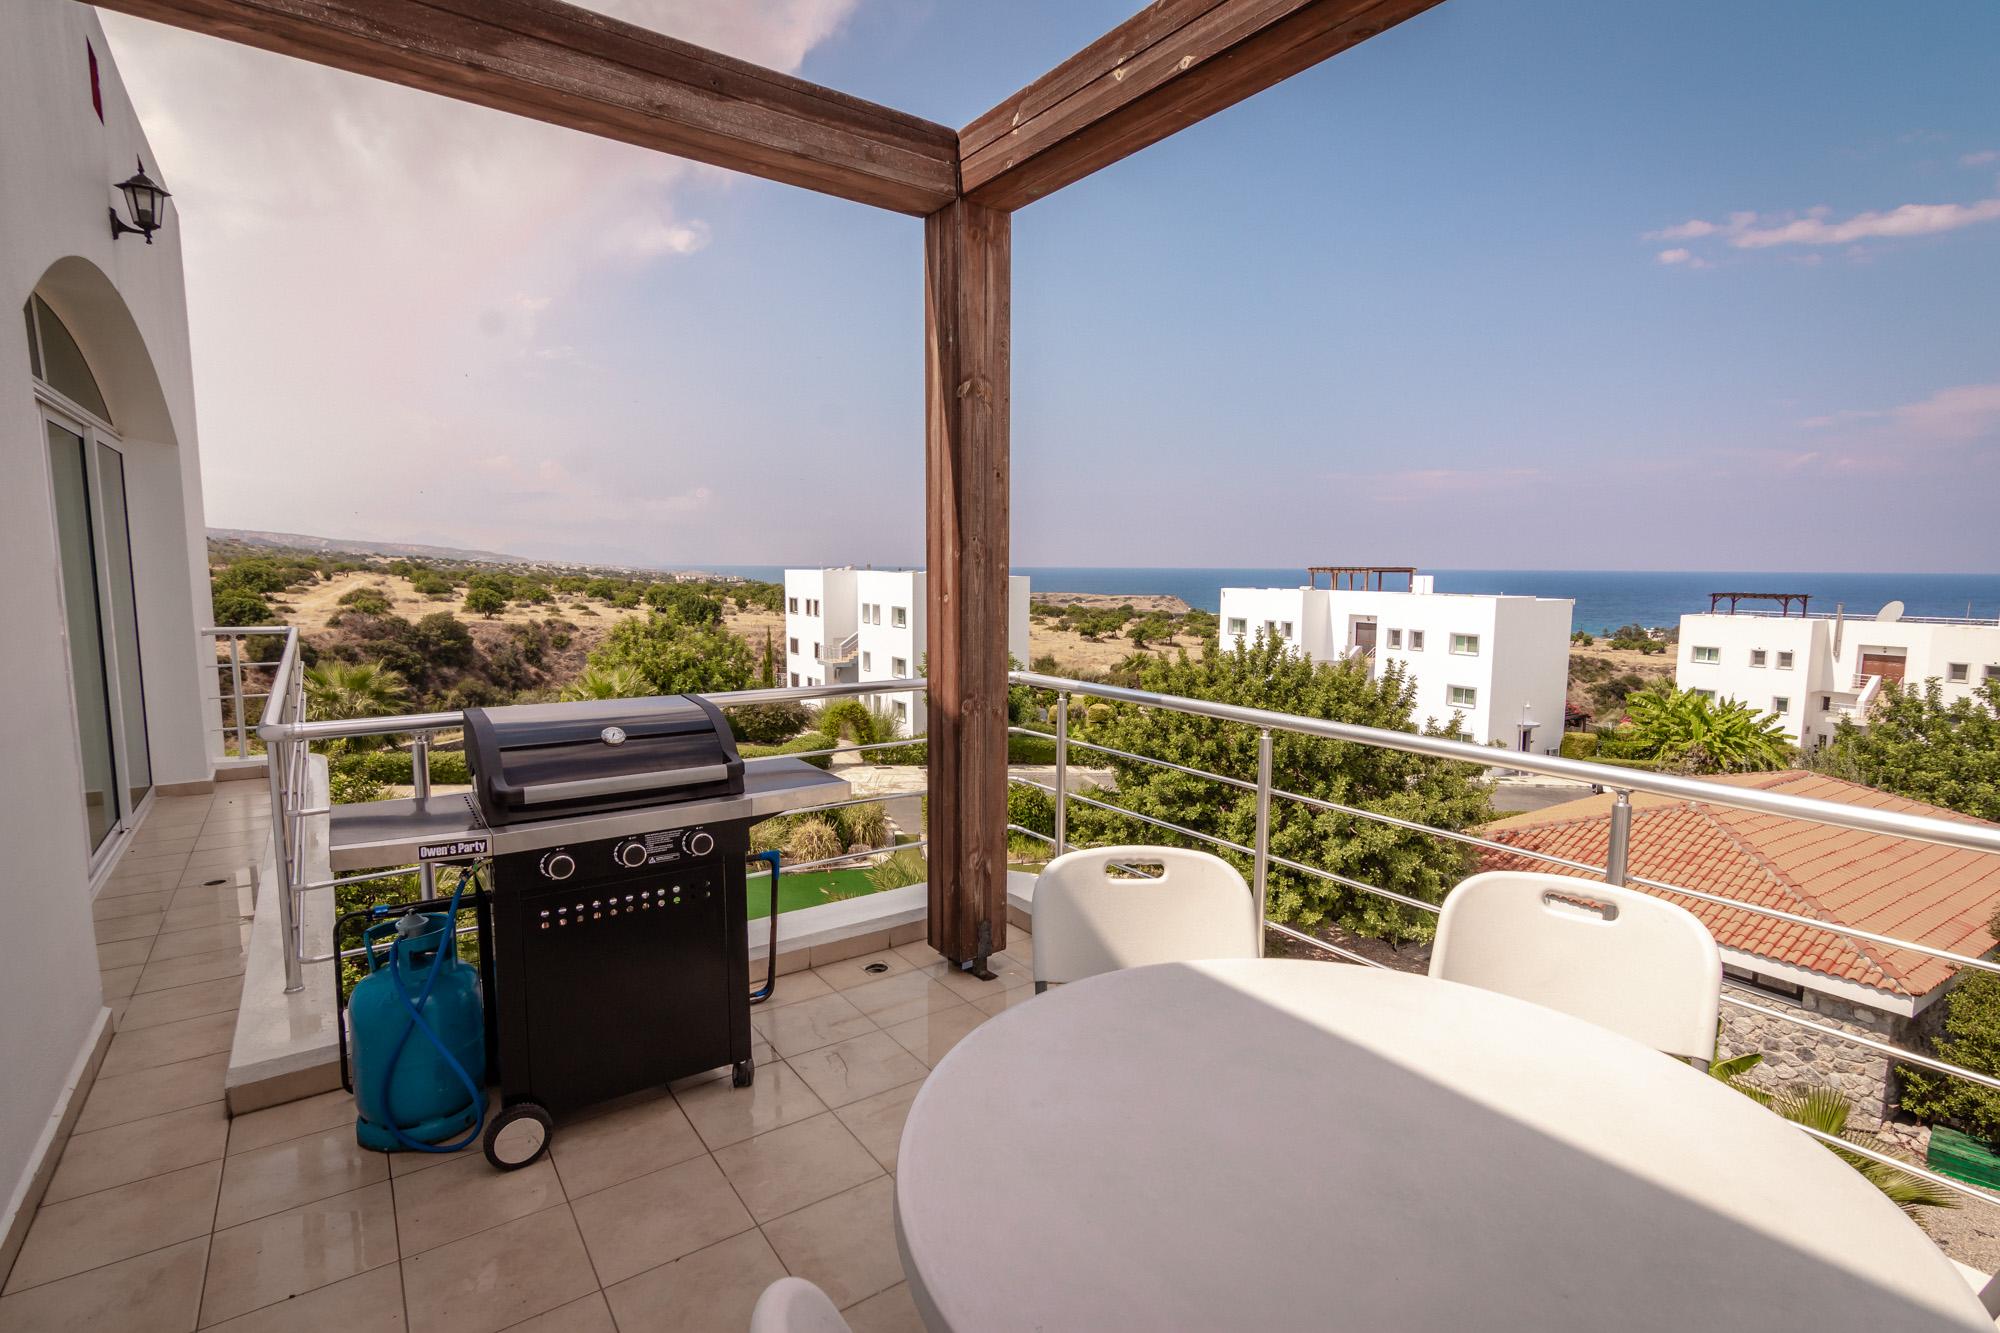 Apartment Joya Cyprus Mystic Penthouse Apartment photo 19798832